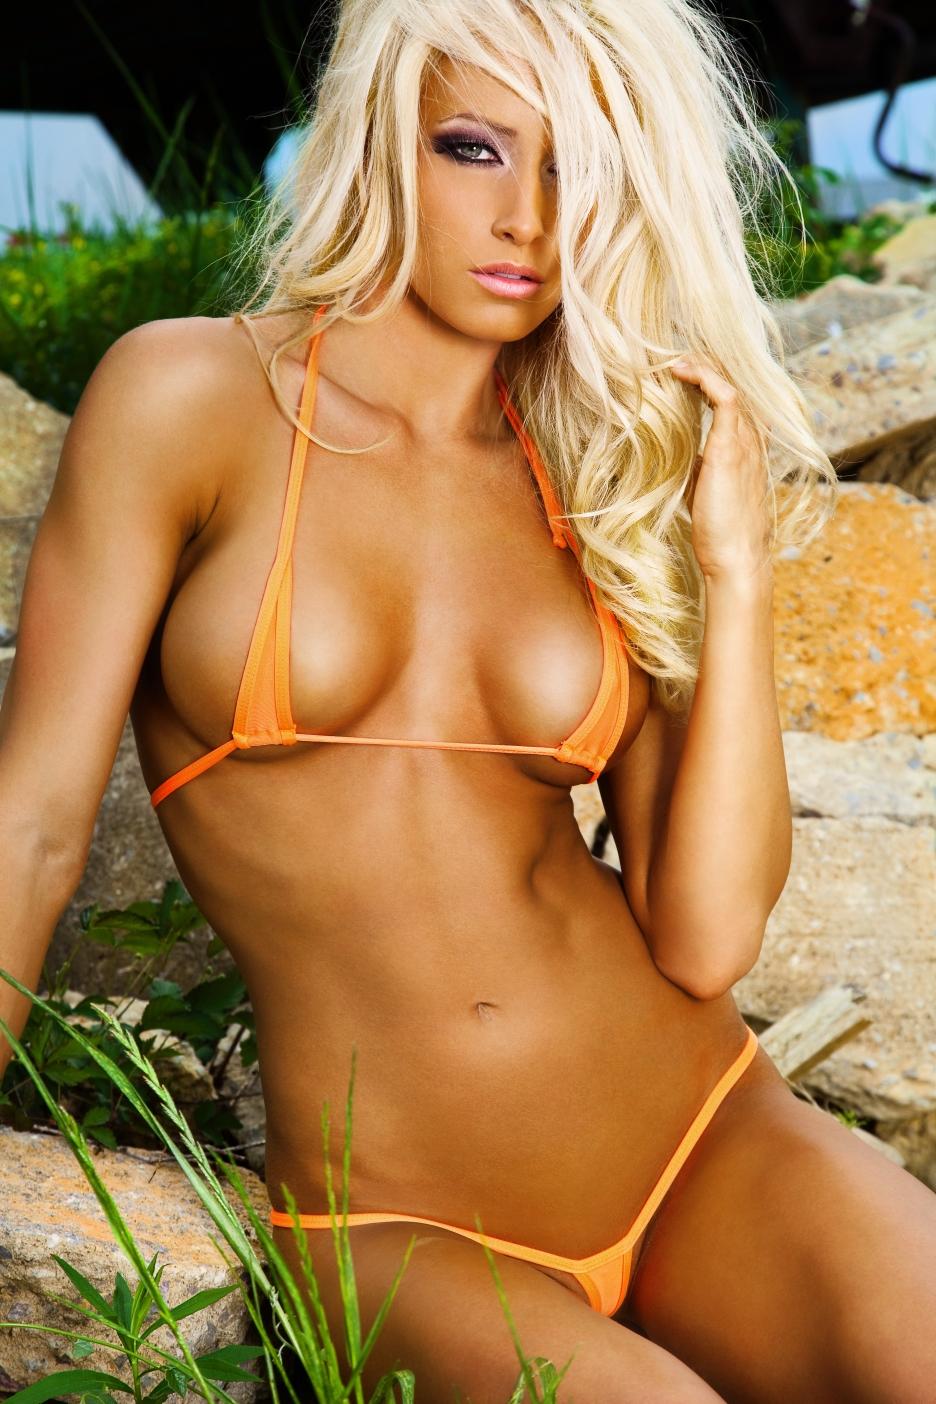 Micro bikini babes